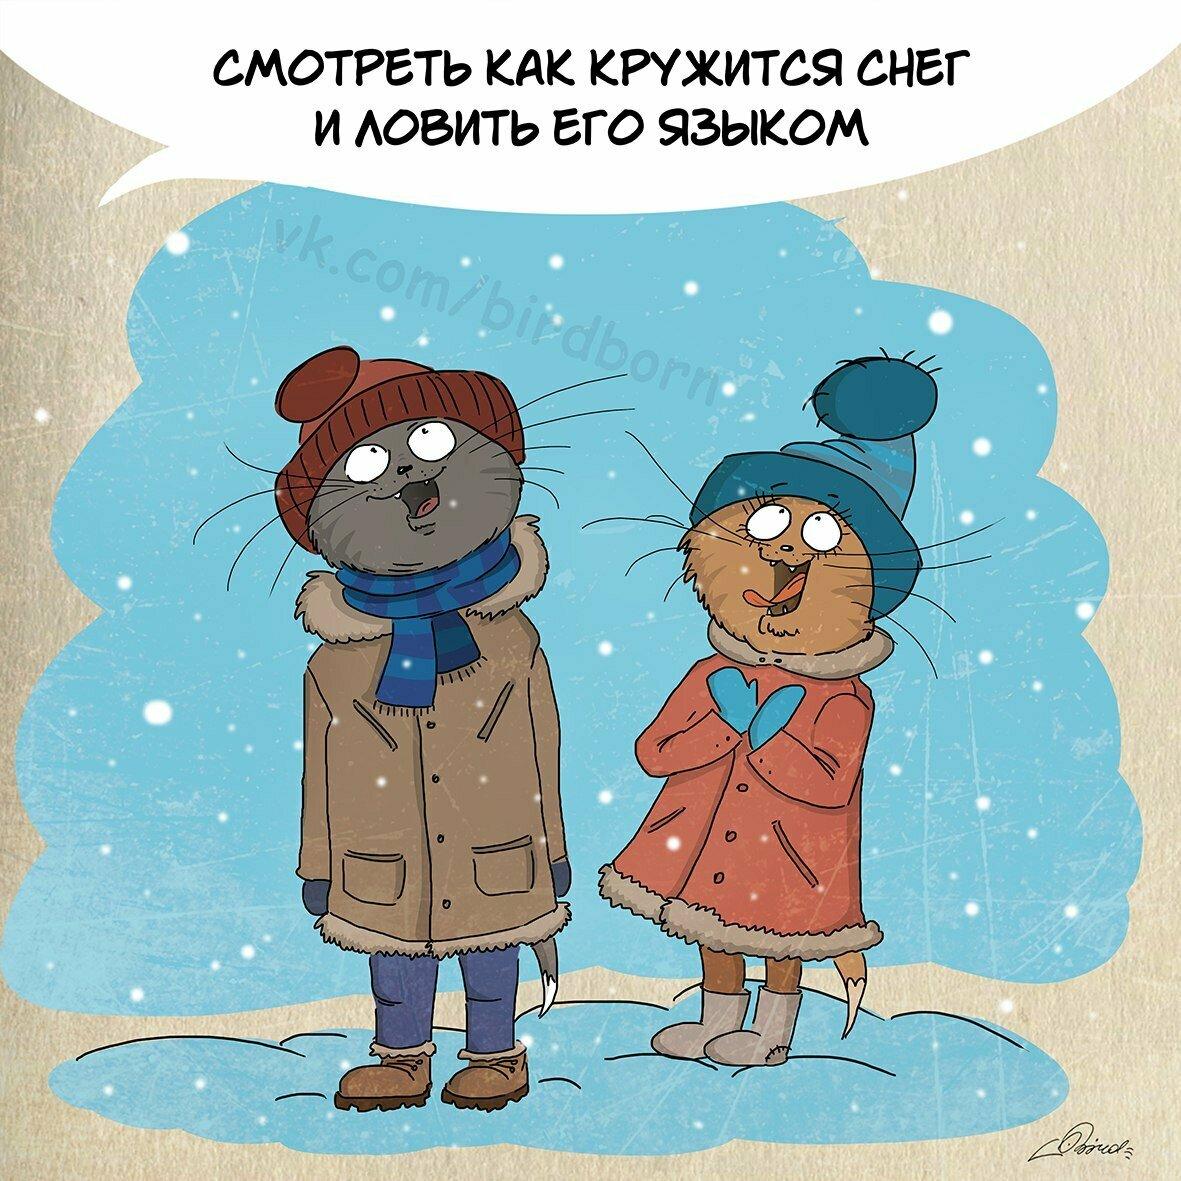 картинки с шутками про зиму бюрократической суеты, быстро